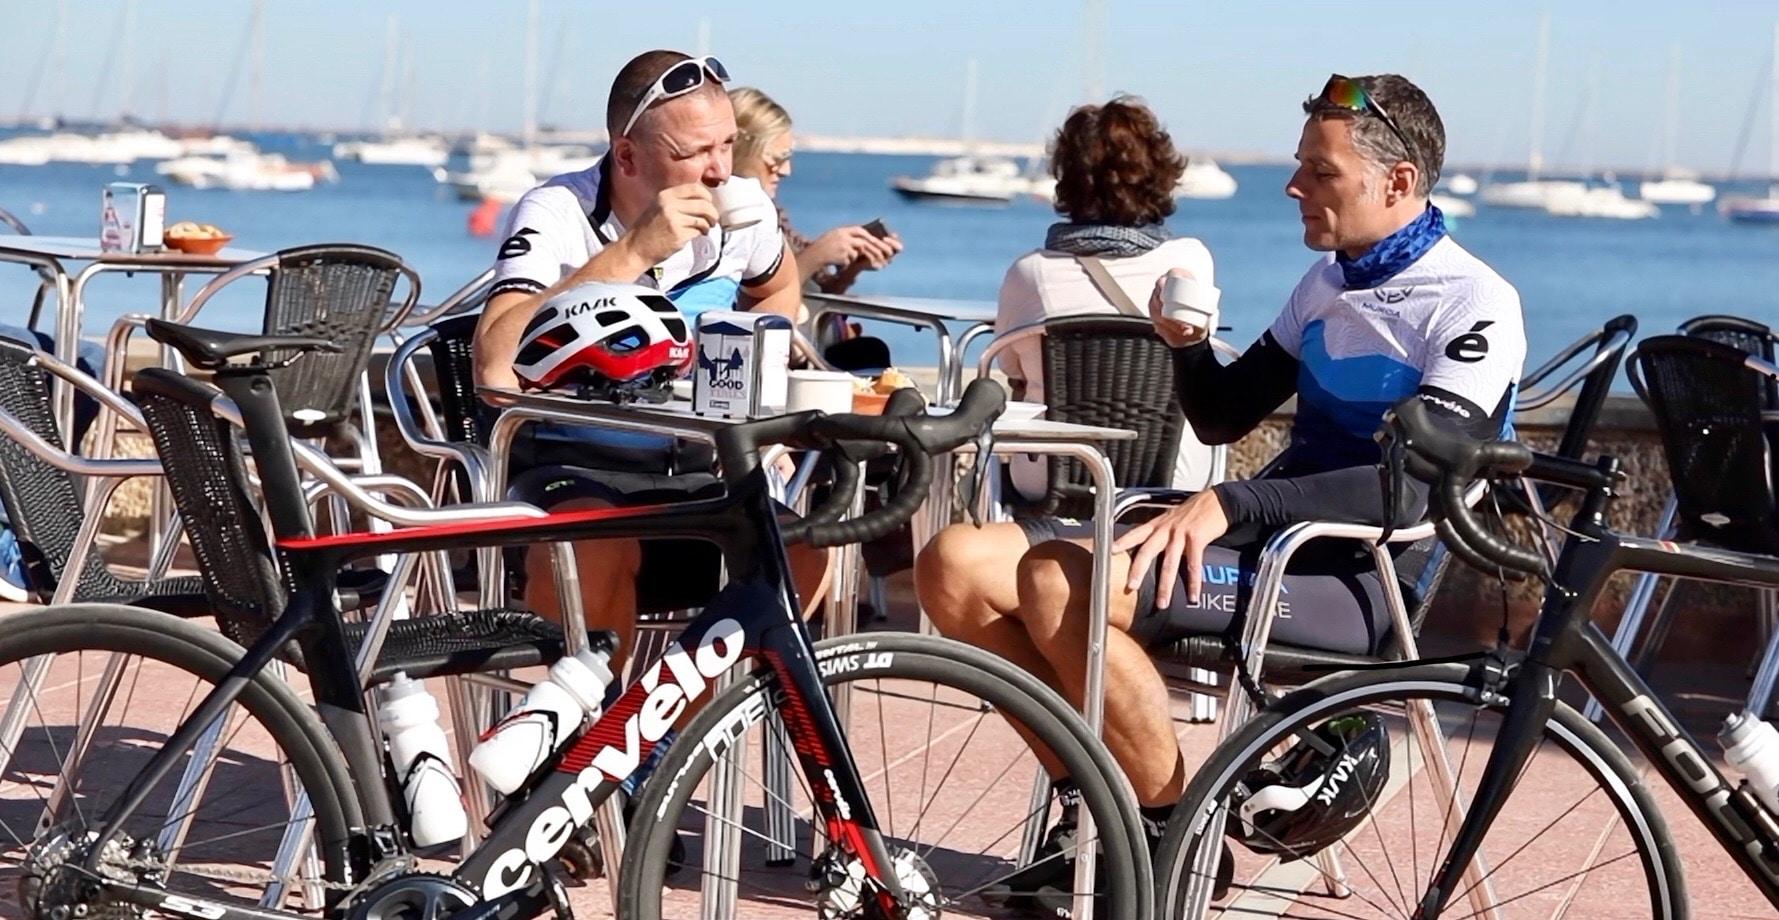 Try a coastal ride with Murcia Bike Hire along the shores of the Mediterranean sea or the Mar Menor lagoon. Visit areas such as Los Alcazares, Santiago de la Ribera, San Pedro Del Pinatar & Torre de la Horadada.